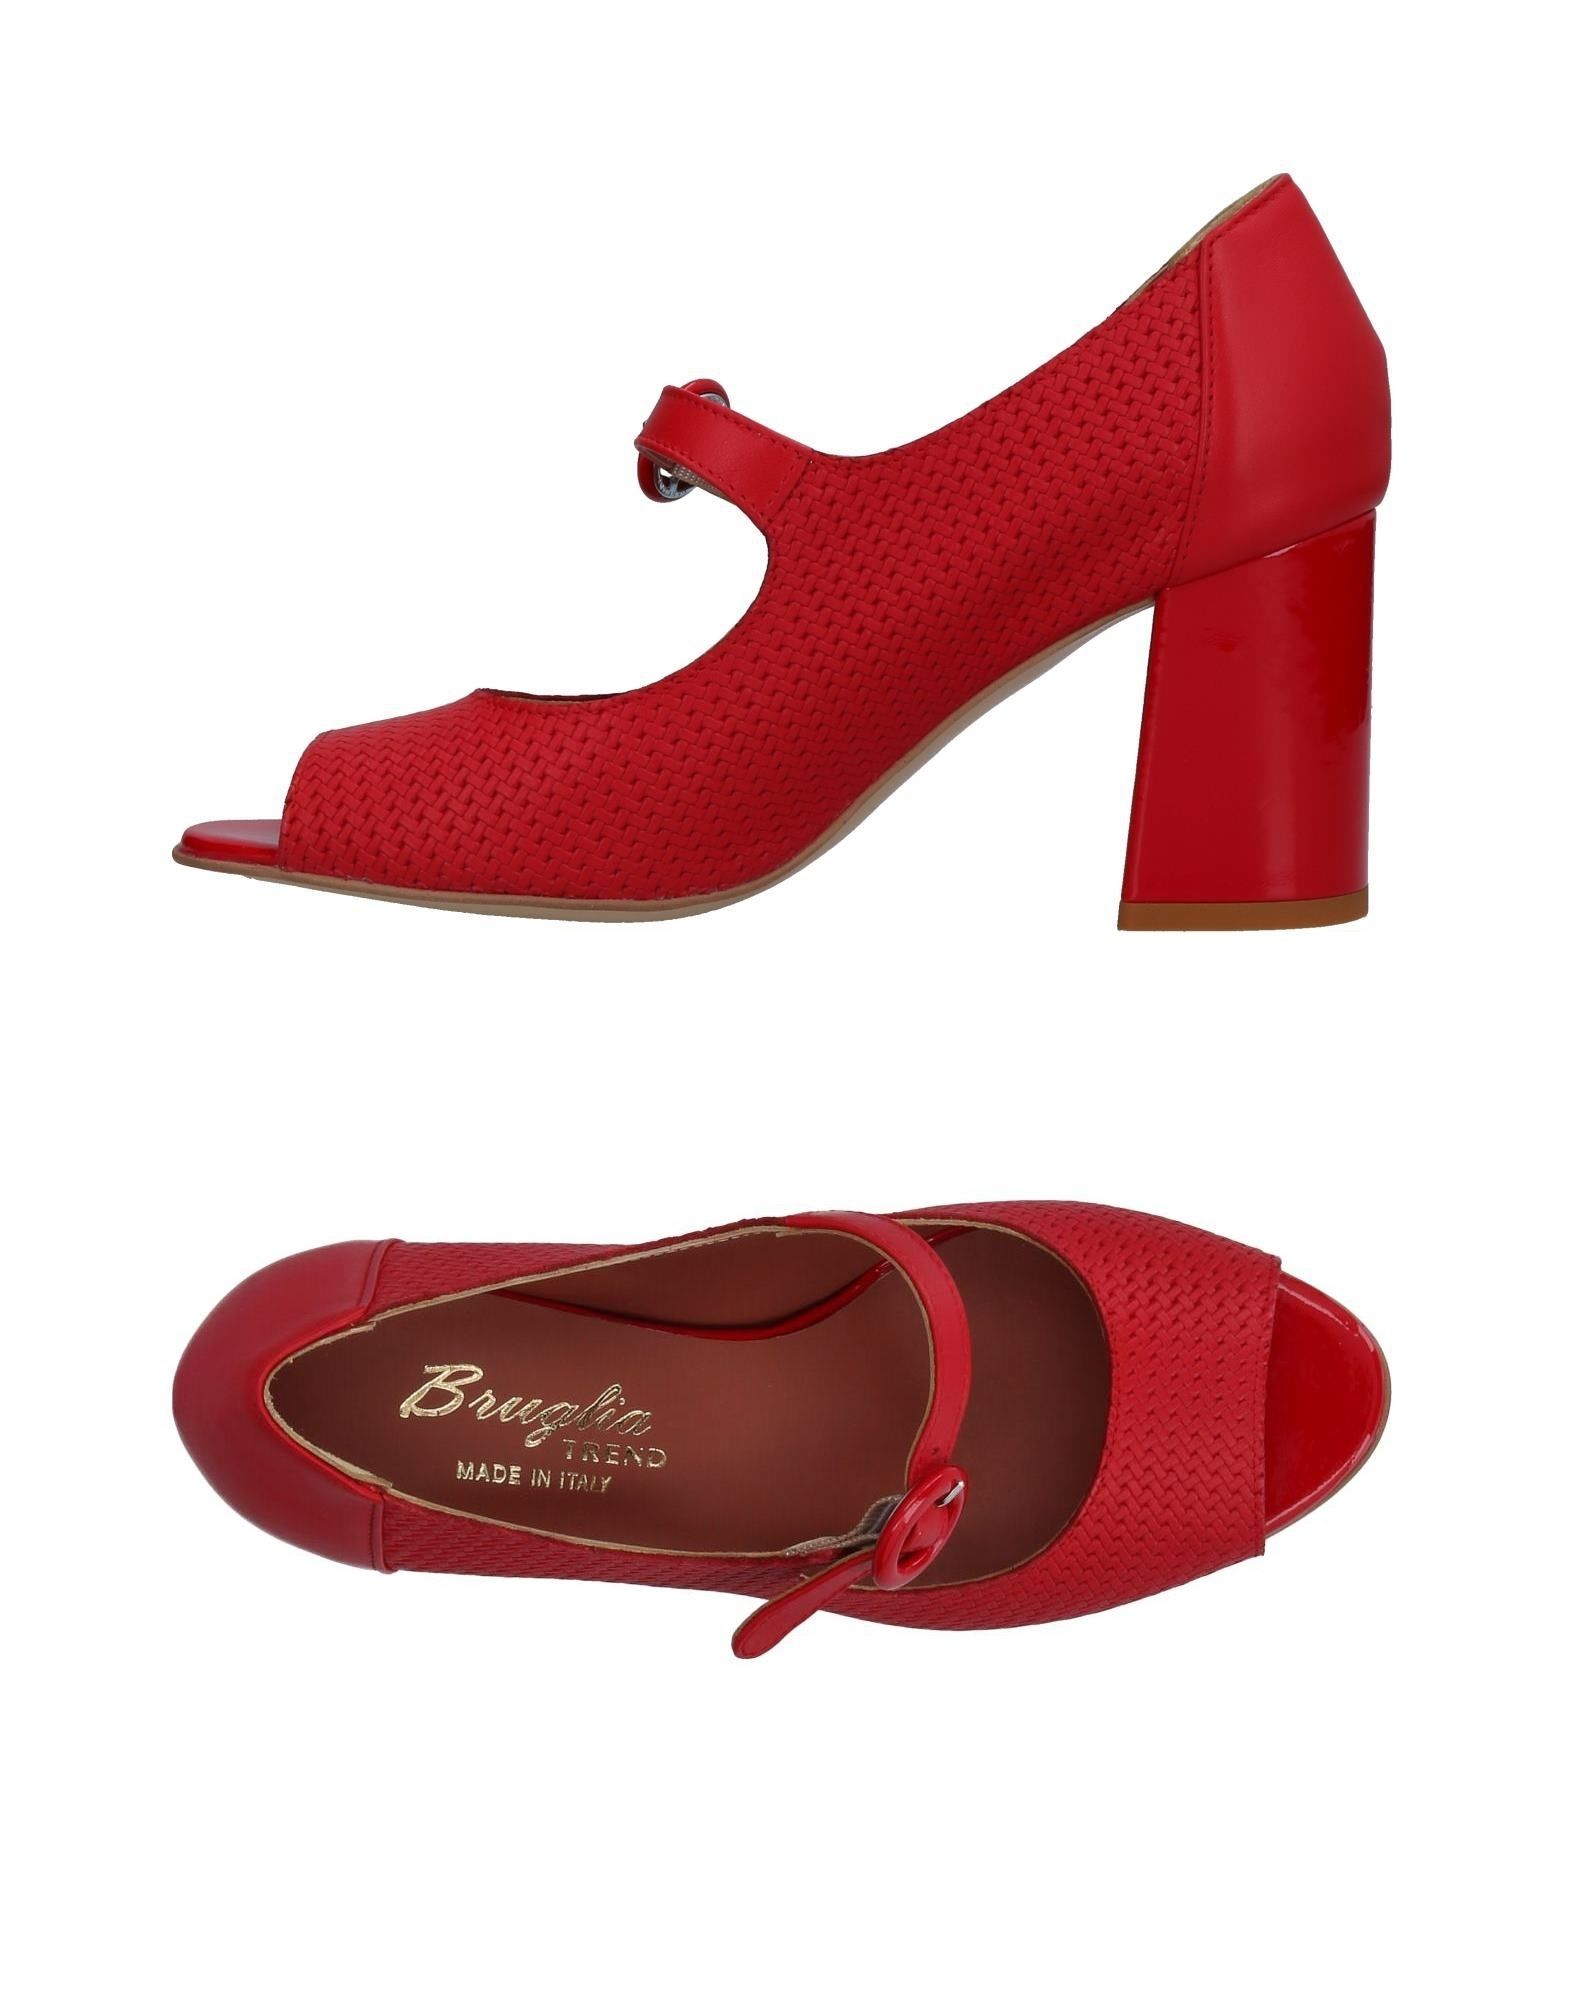 F.Lli Bruglia Pumps Damen  11408571KU Gute Qualität beliebte Schuhe